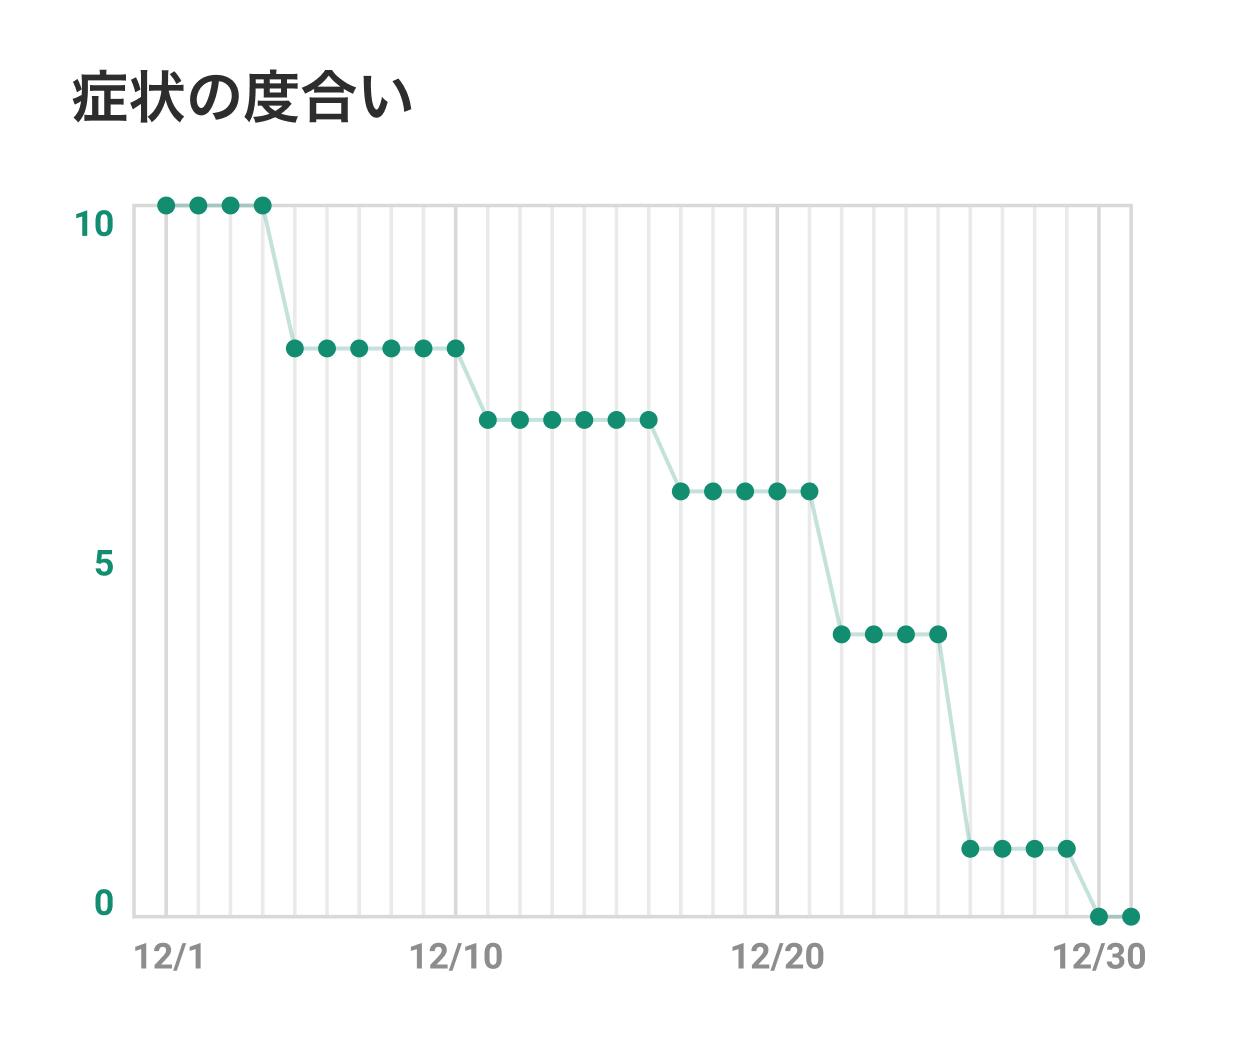 クライアント画面のグラフ画像:症状の改善度合い